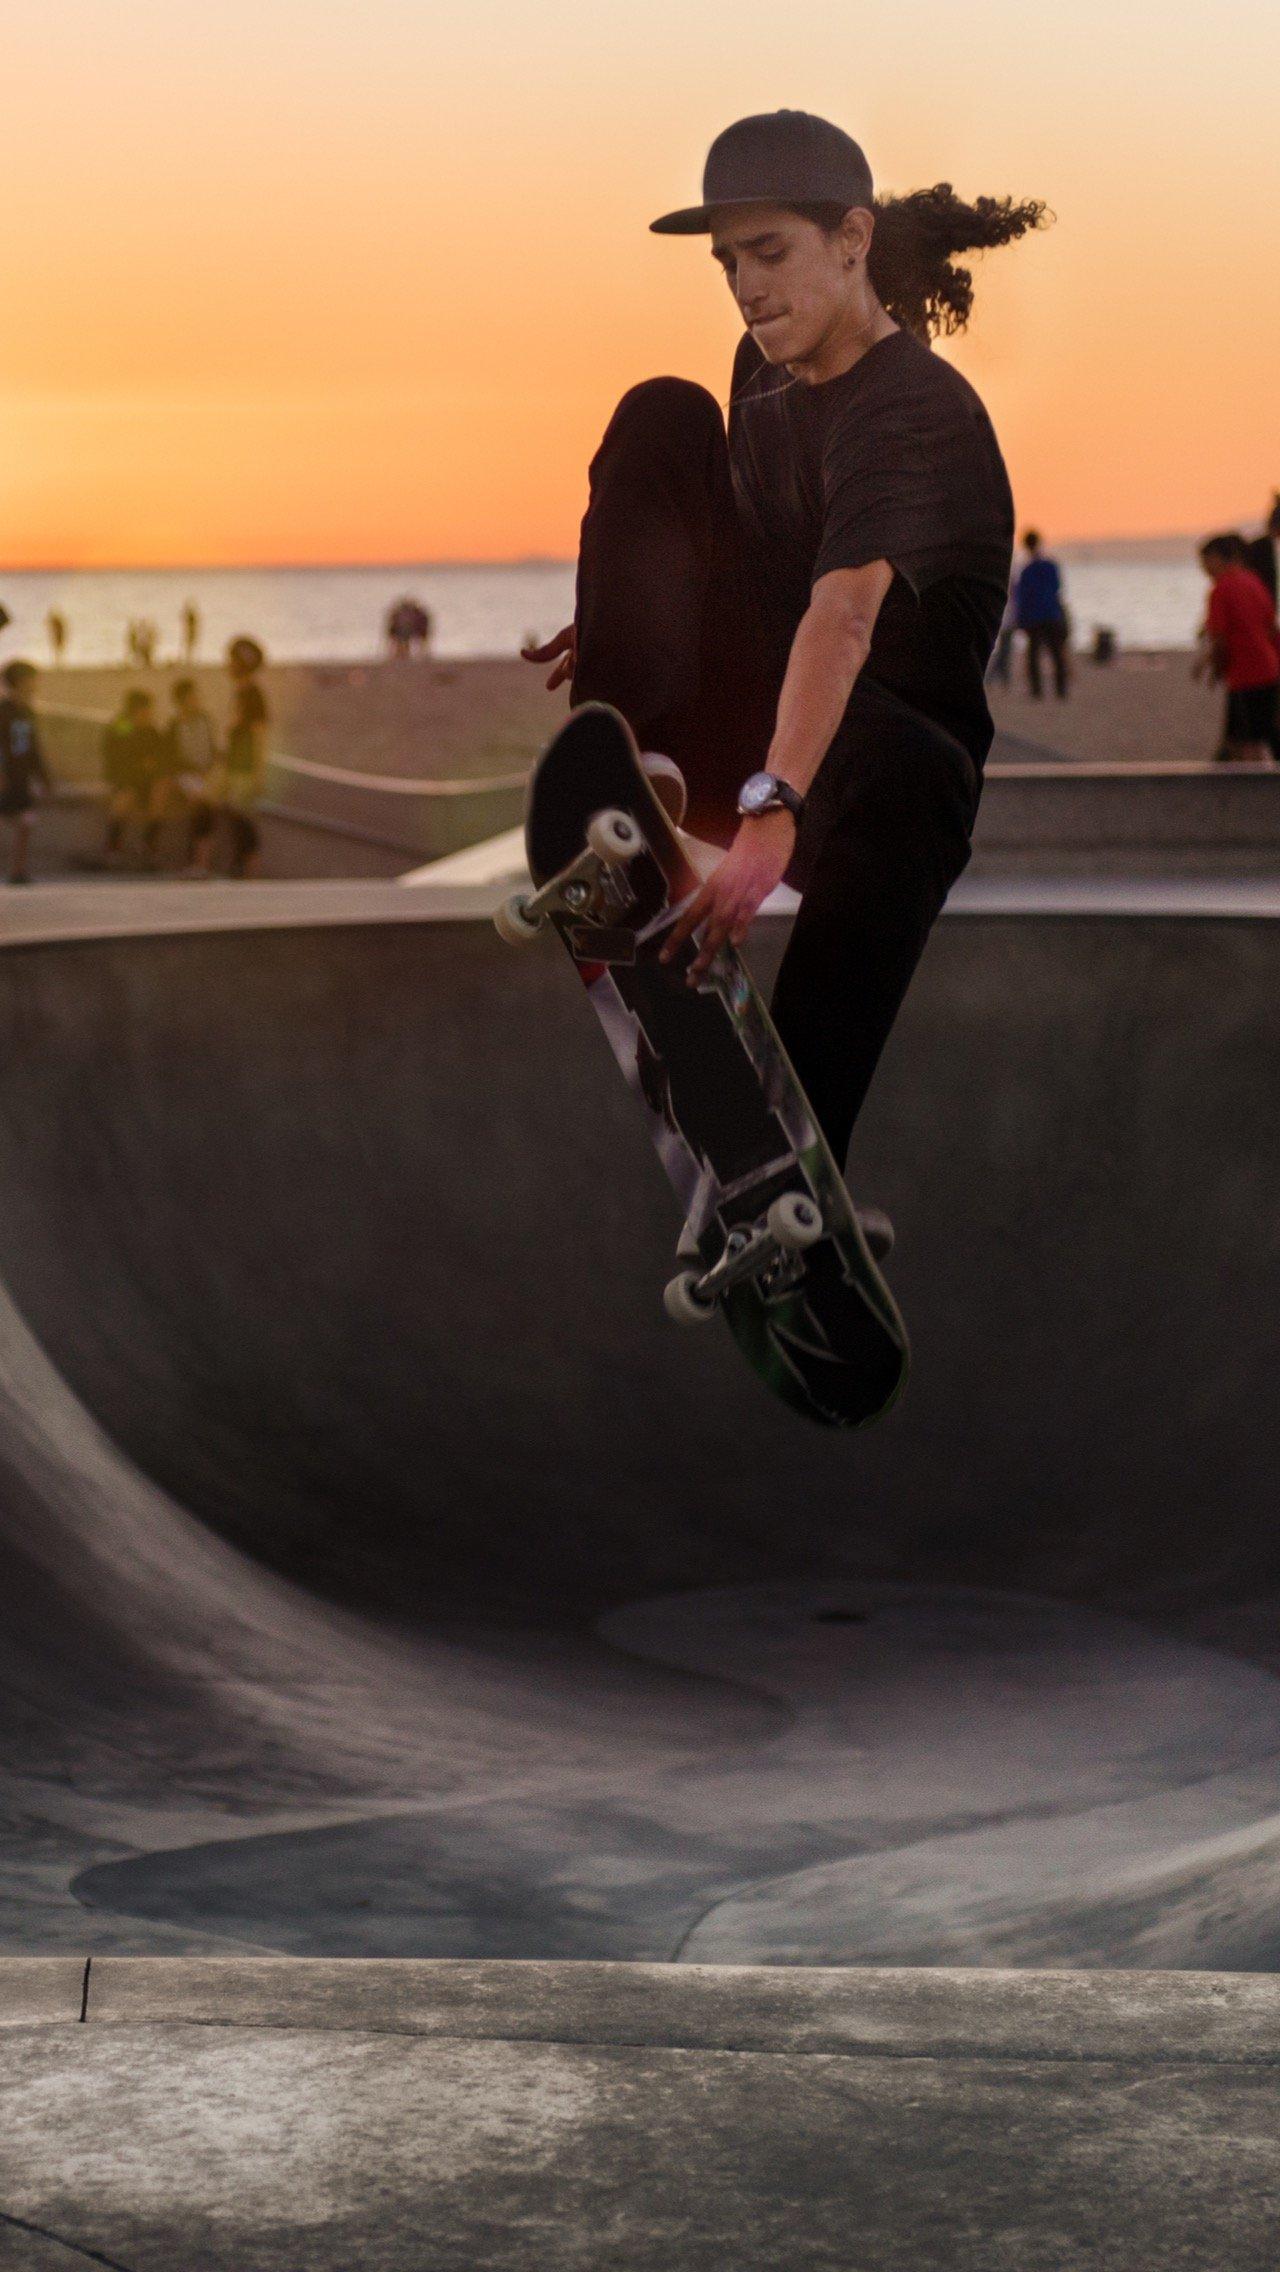 Скейтбординг